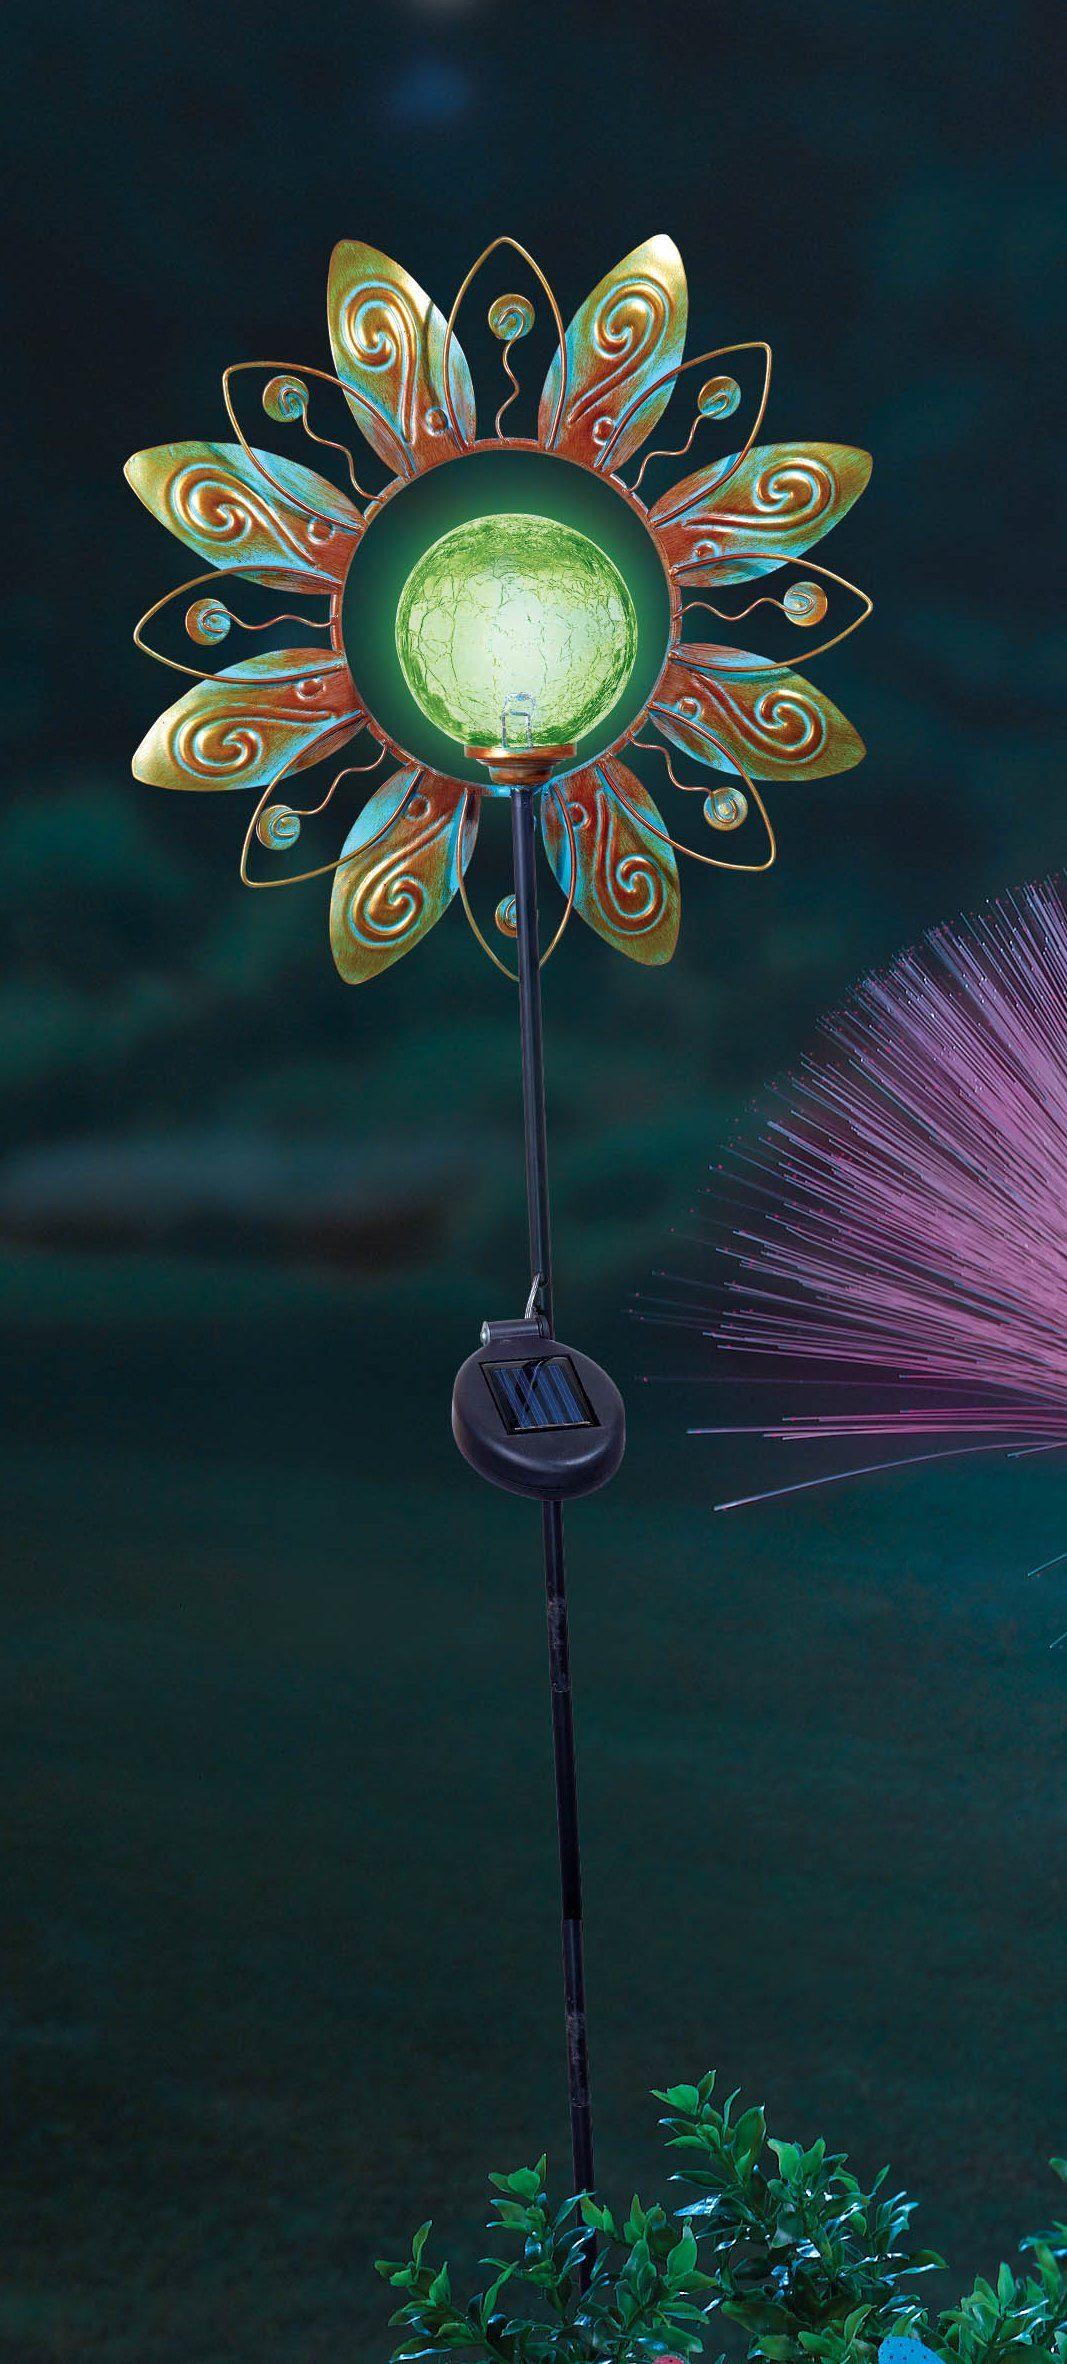 GR Solar Flower Garden Stake has a LED light in the center